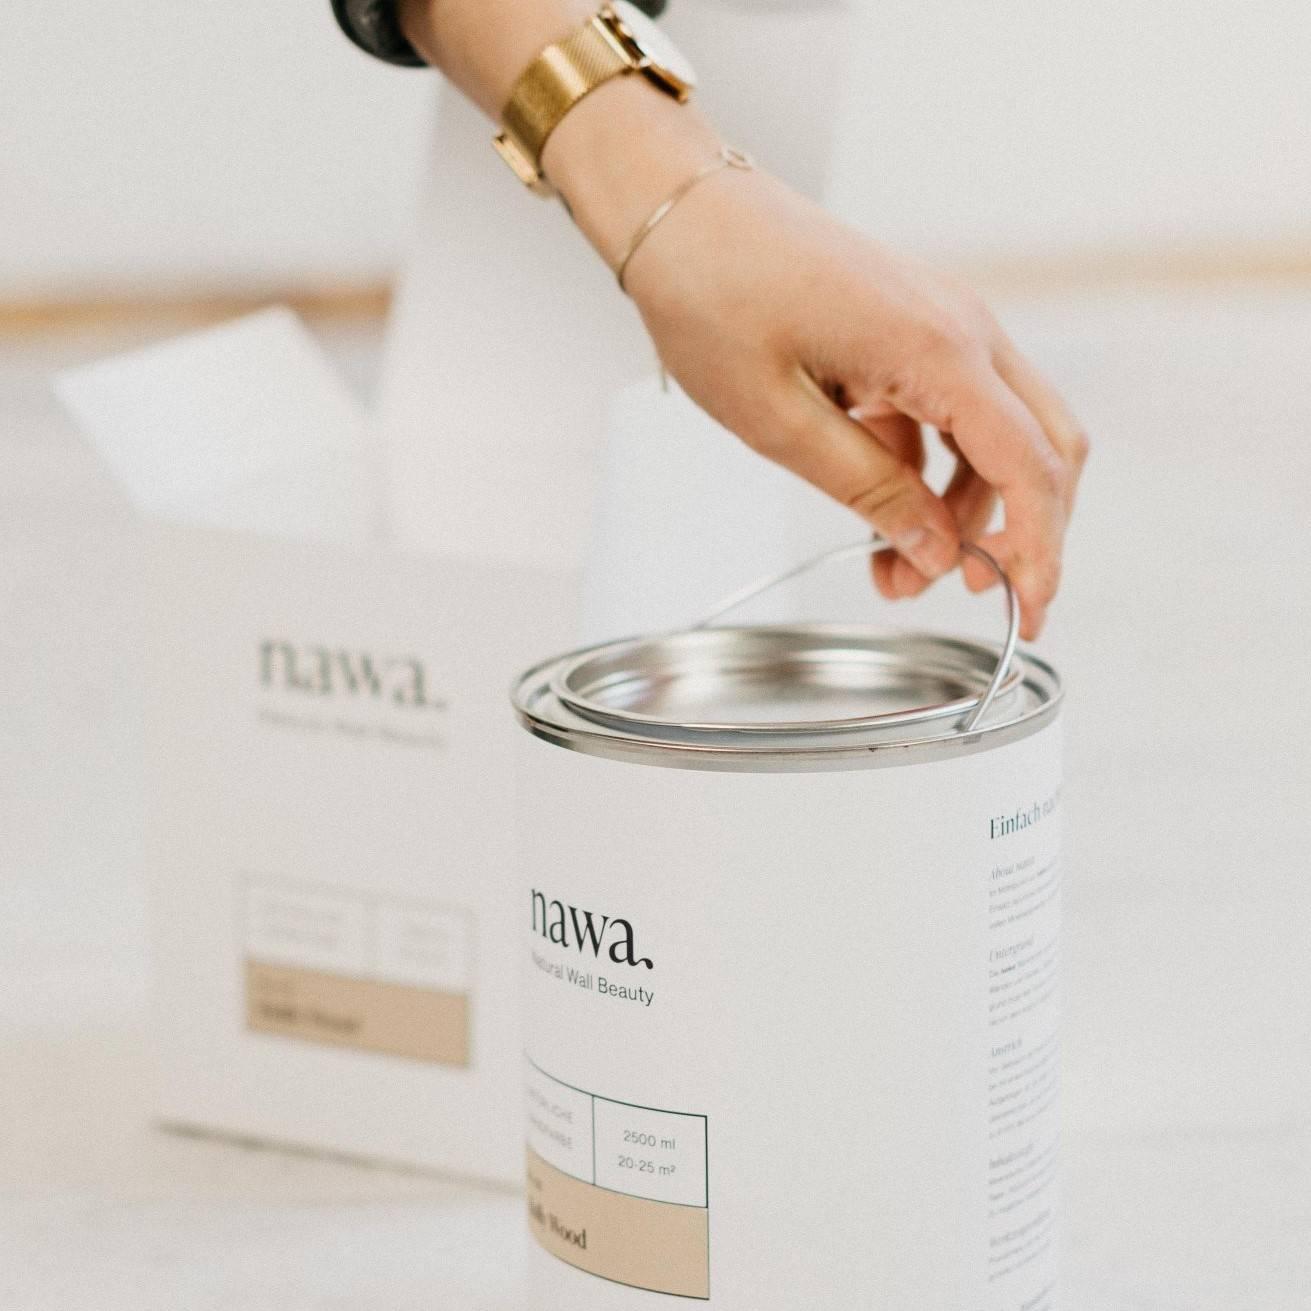 nawa wandfarben farbeimer mit produktverpackung und hand